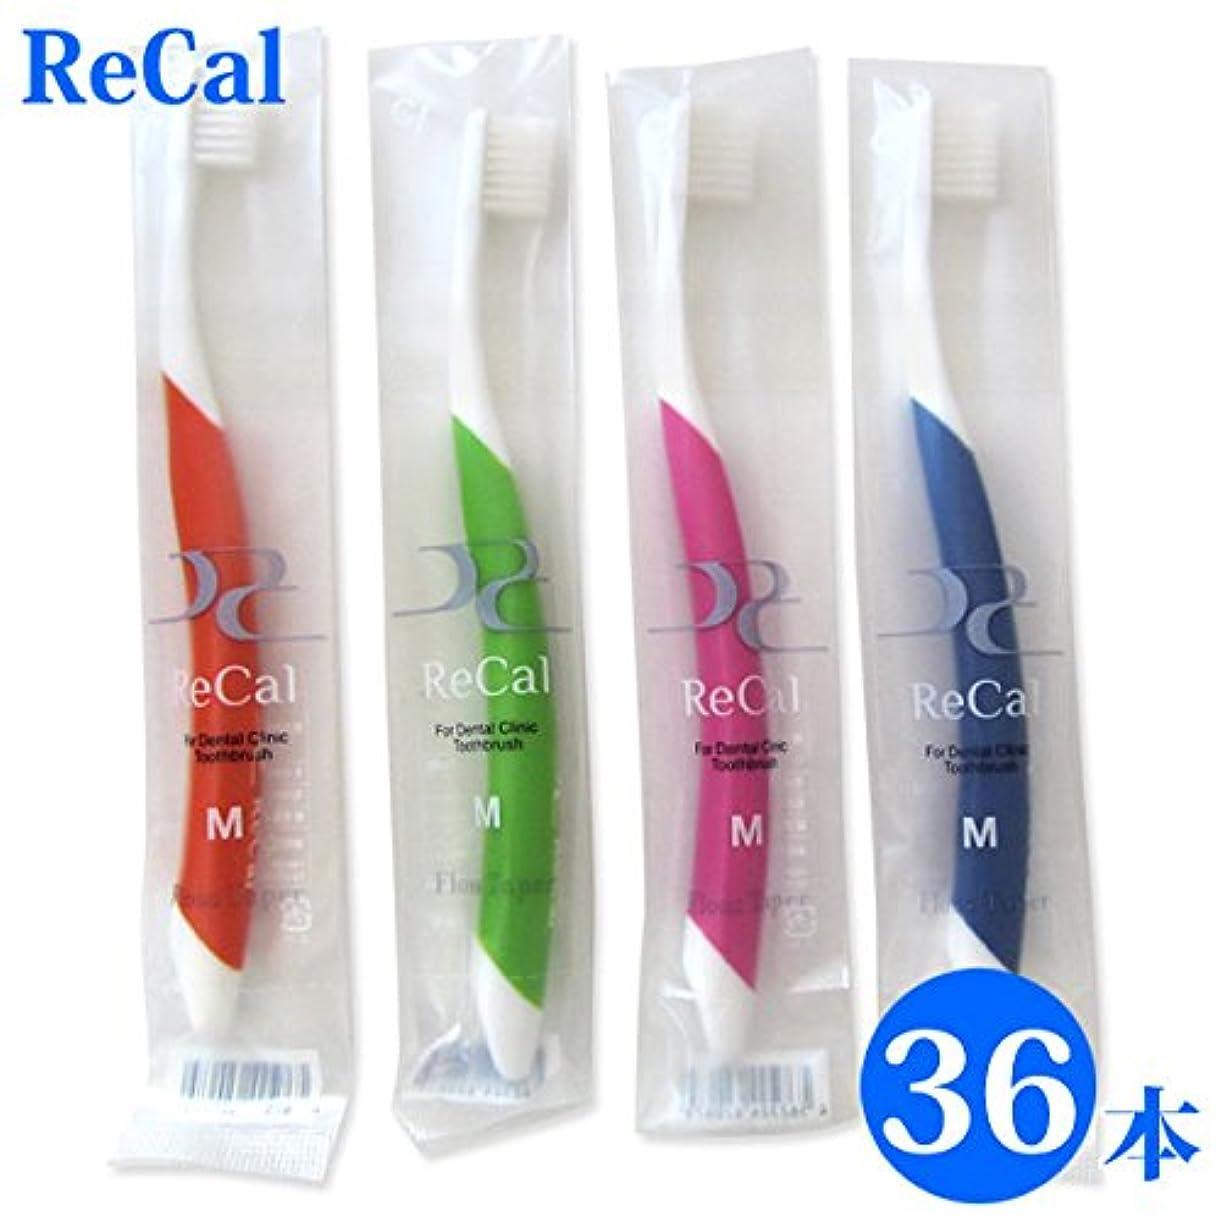 重要性励起やがて36本入り 歯科医院専用商品 ReCal リカル M 大人用 一般 歯ブラシ4色アソート